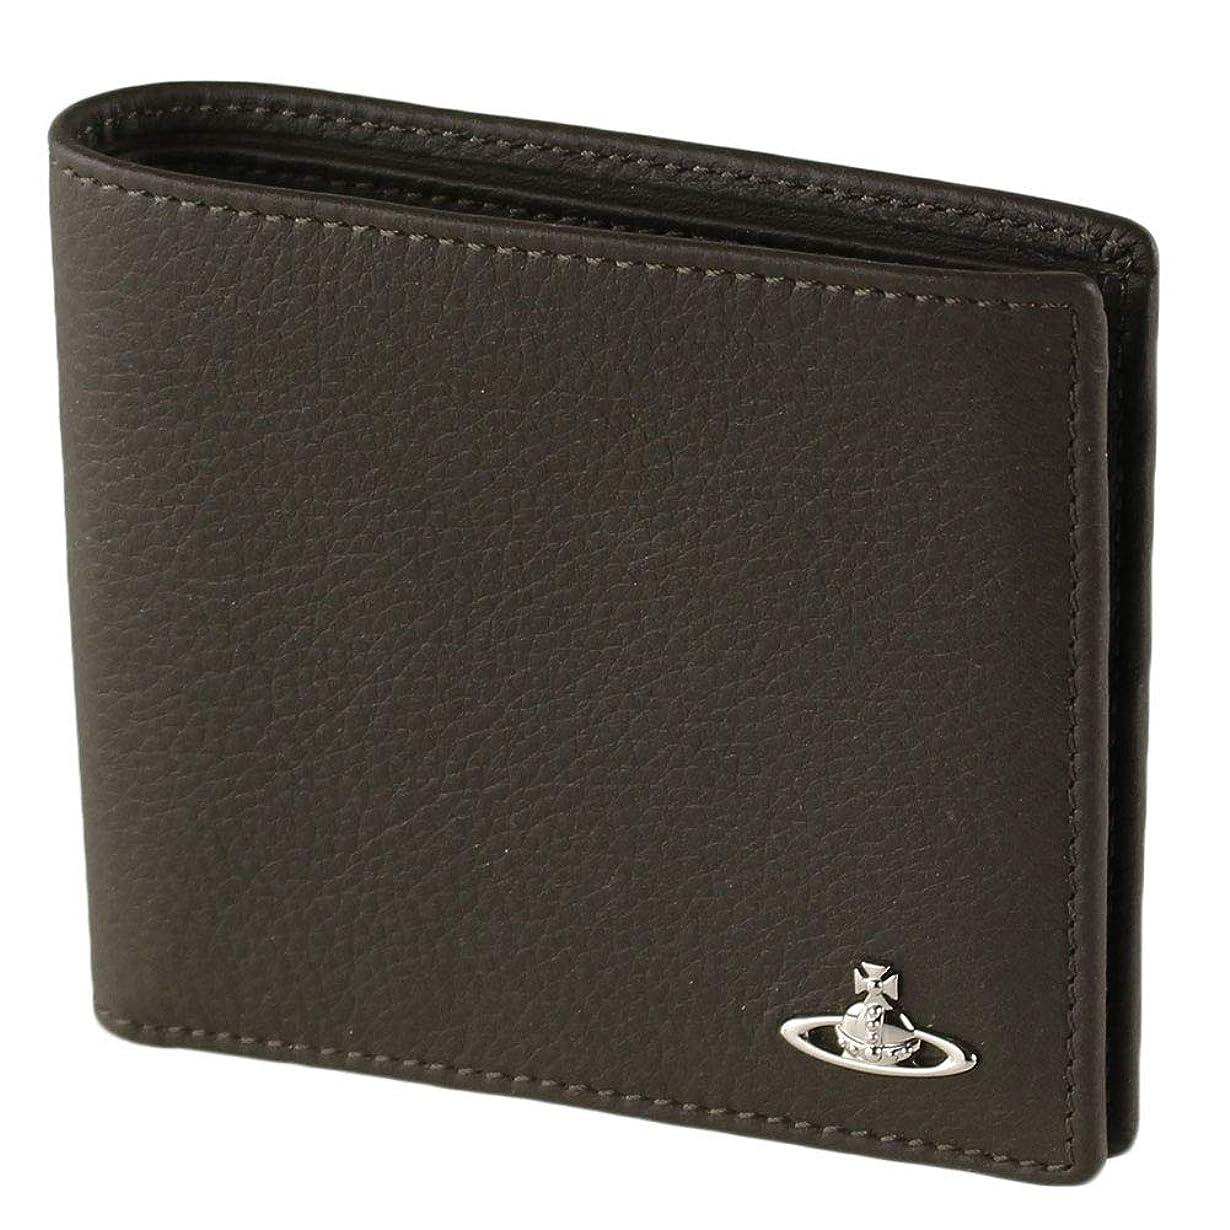 不完全な男性アンカーヴィヴィアン VIVIENNE WESTWOOD メンズ 折りたたみ財布 51110025-40739 MAN CREDIT CARD HOLDER [並行輸入品]